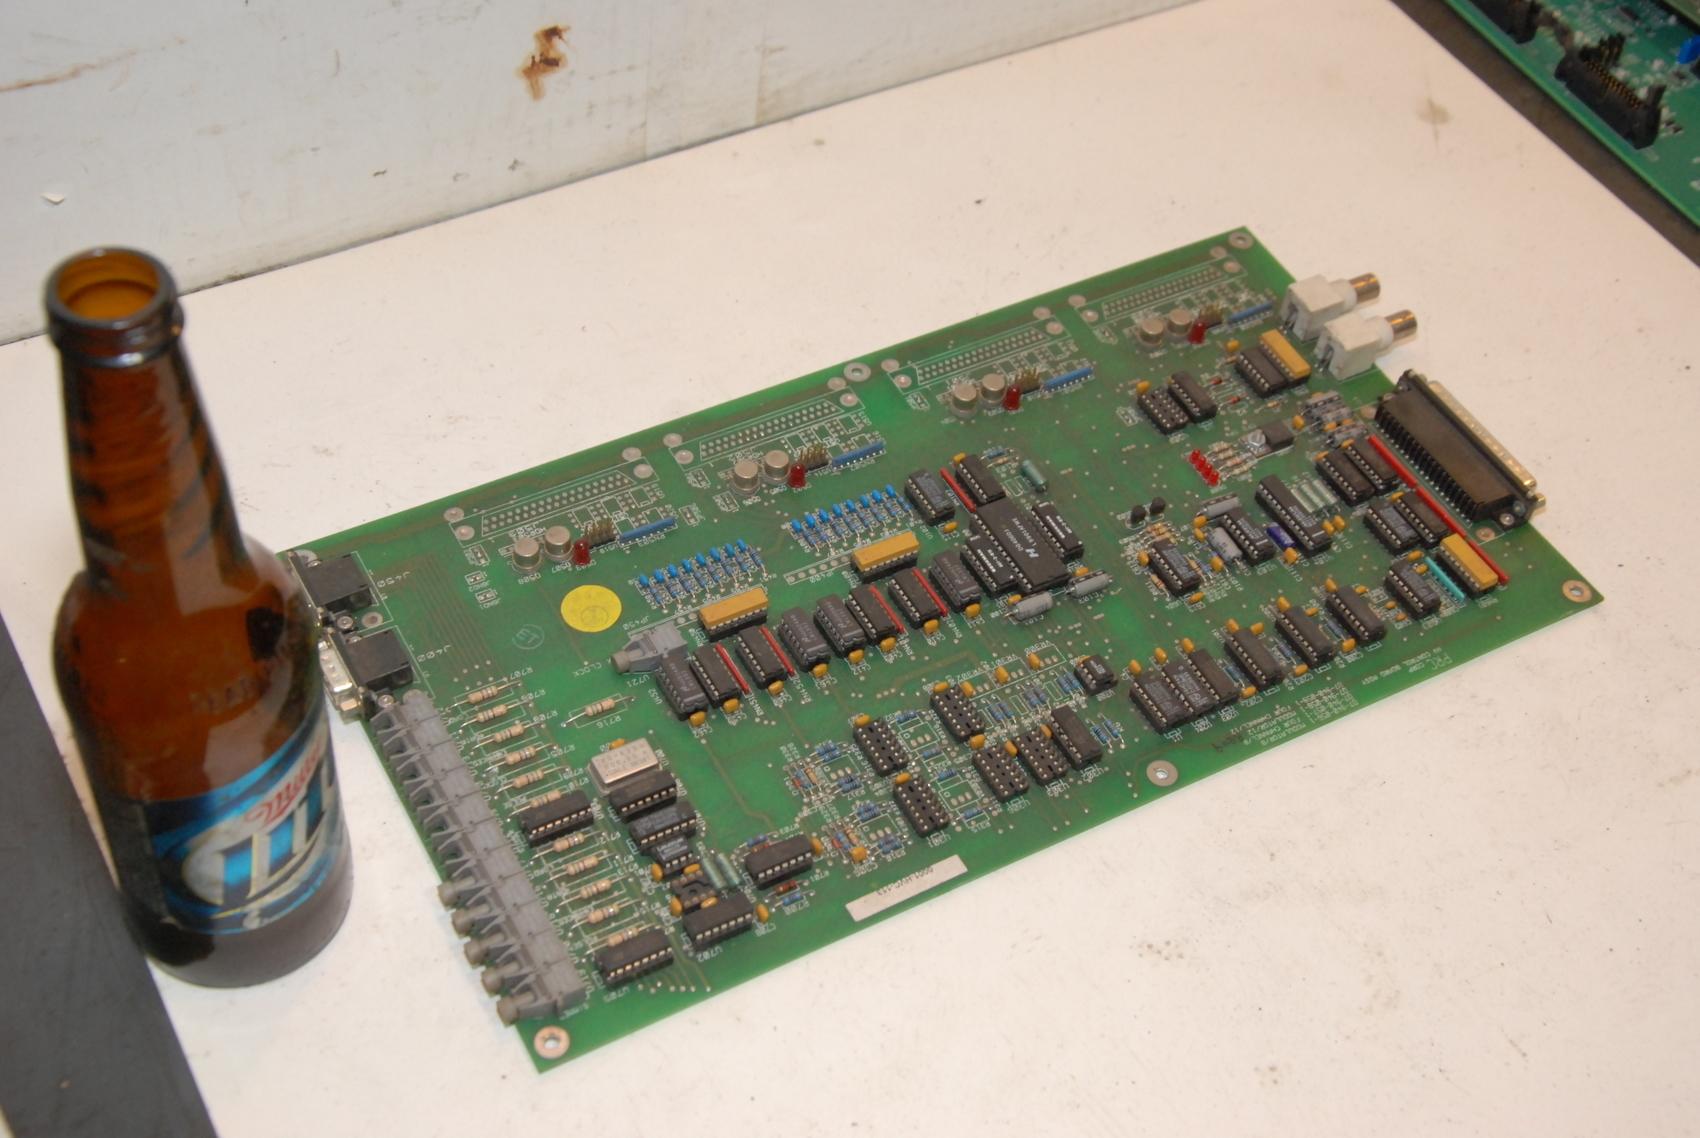 ASSY D7-940-188-1 HV Control Board